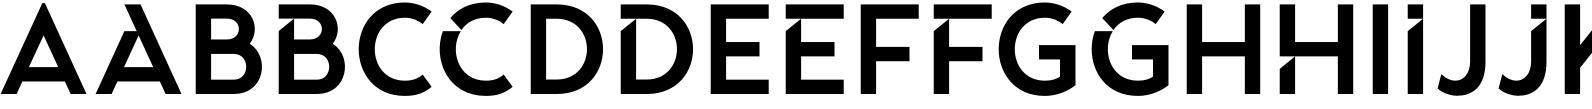 Blackpast